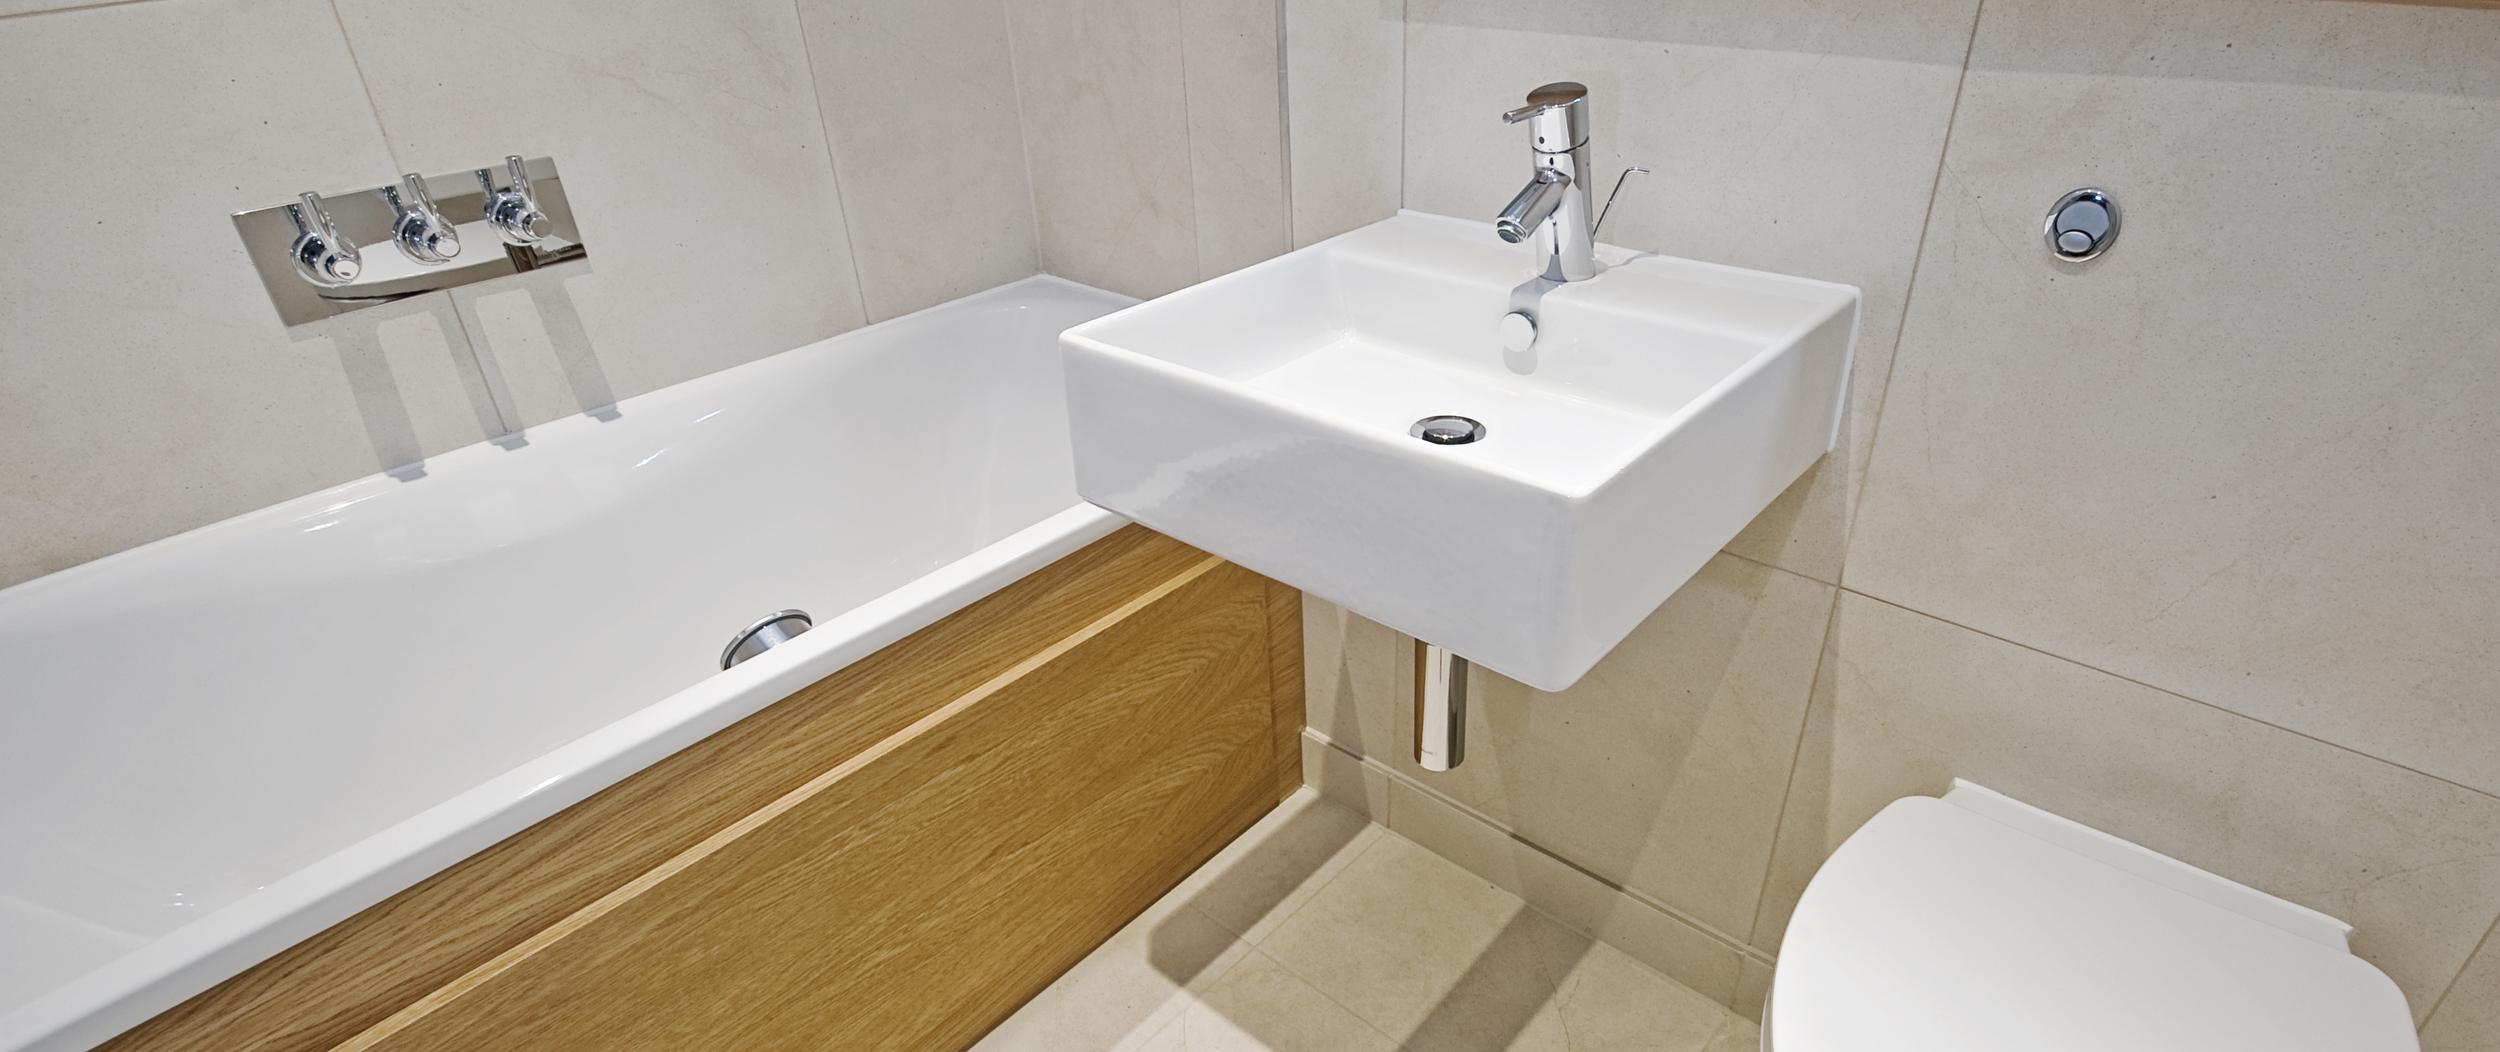 kohler/wall mount/sinks